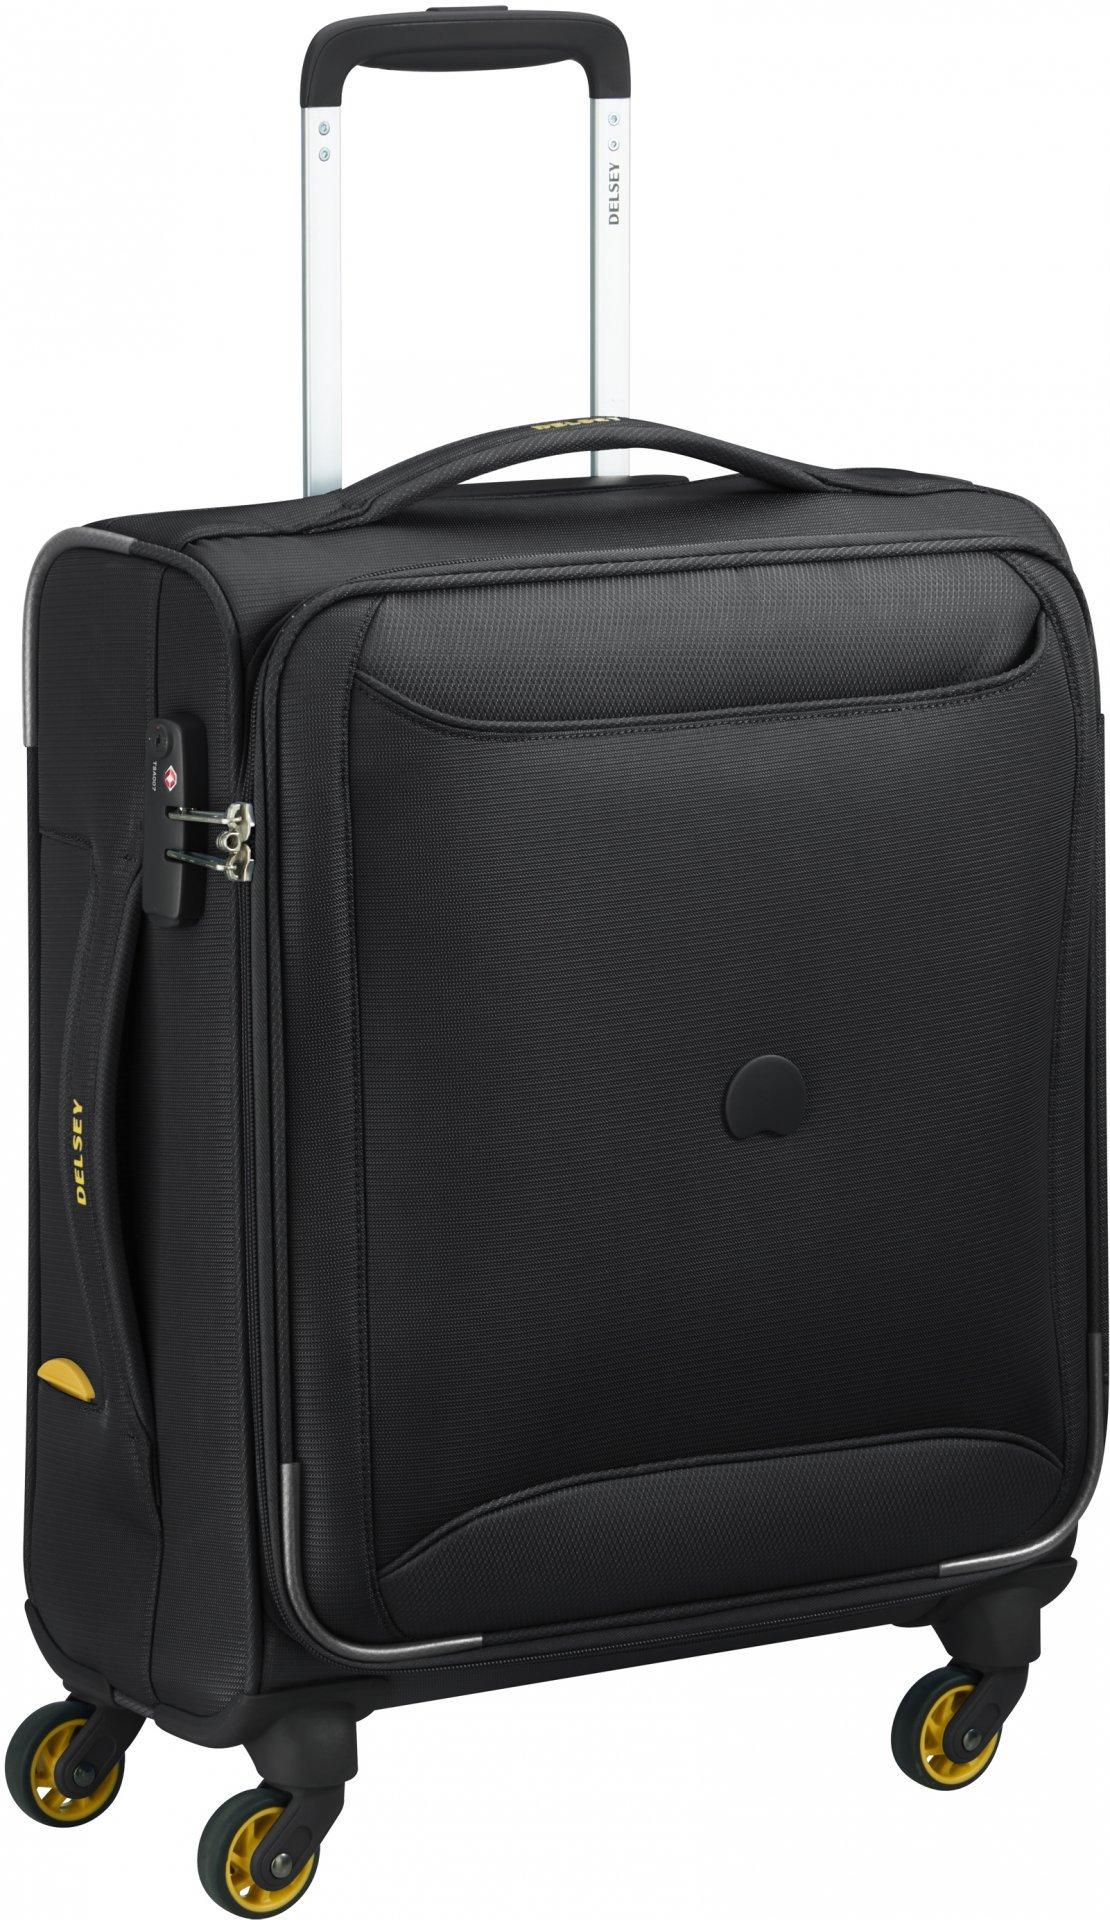 bf8b28f62ee5 Дорожная сумка Delsey Chartreuse 55 см, черный купить в Санкт-Петербурге